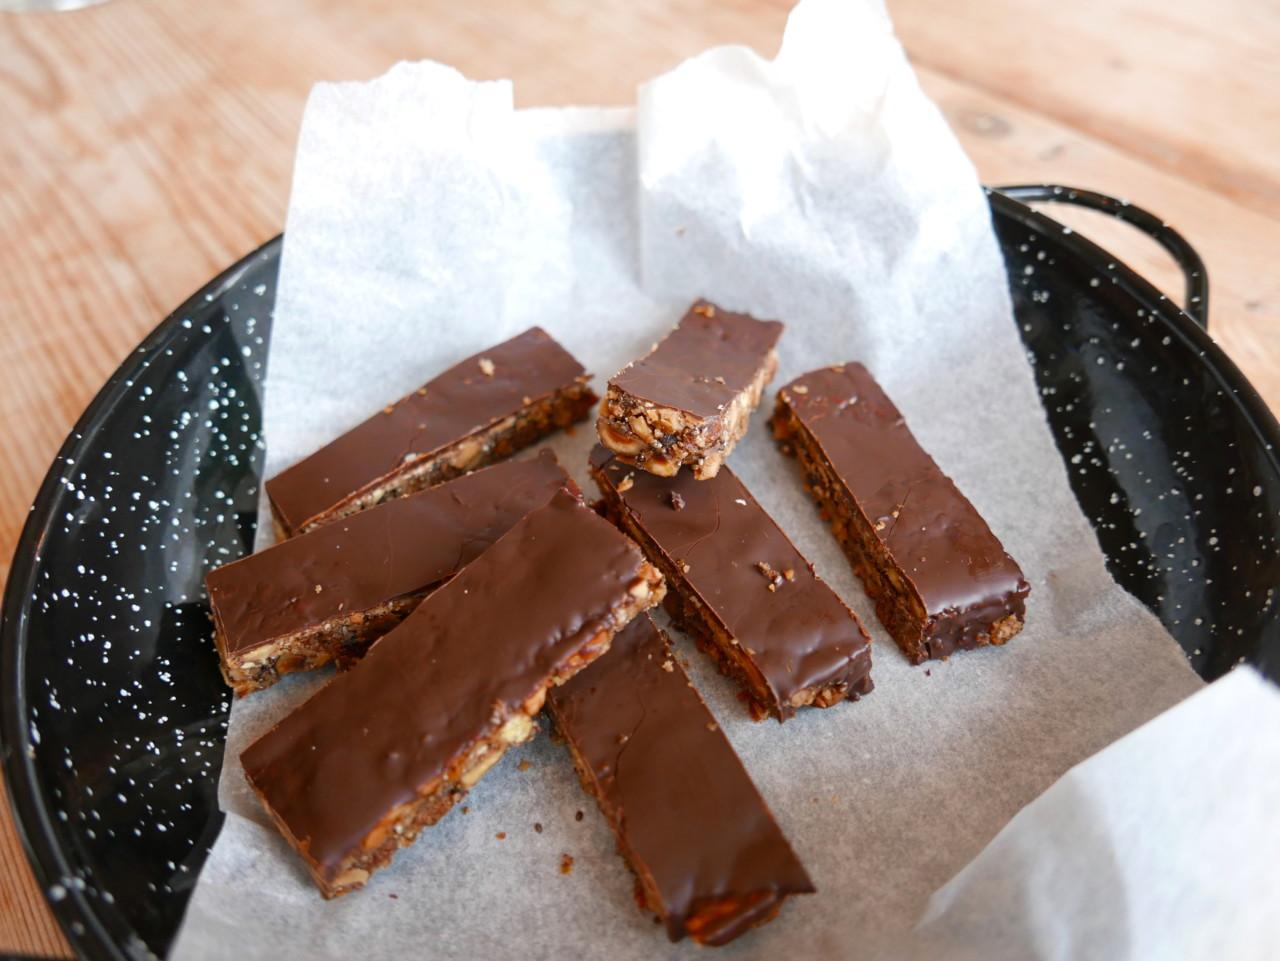 glutenfri-energibar-sjokoladetrekk-okologisk-kaffe-green-house